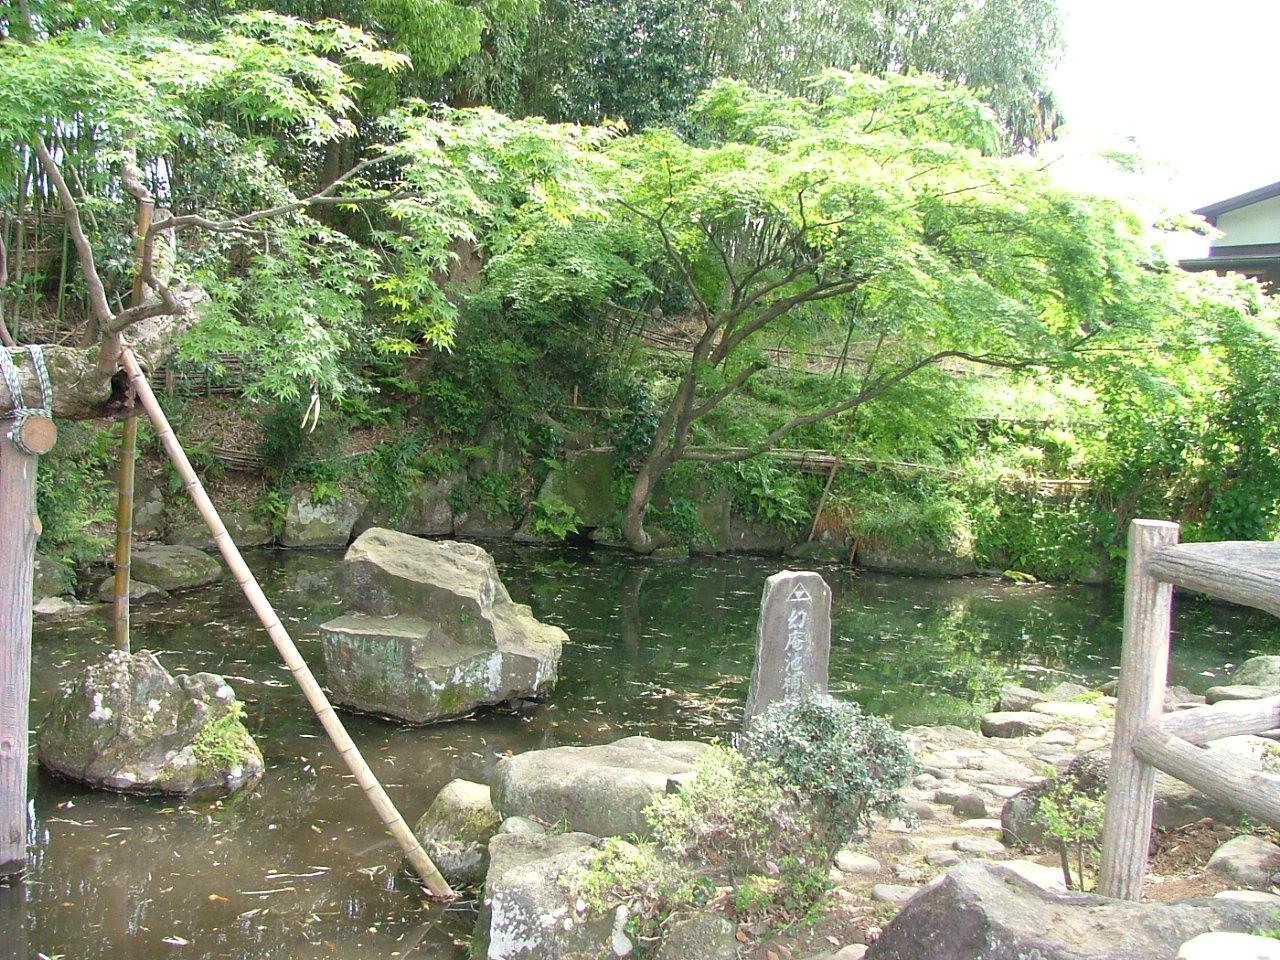 小田原市久野の北条幻庵屋敷跡にある幻庵作庭園。まちの至るところに、北条氏の痕跡が残る。